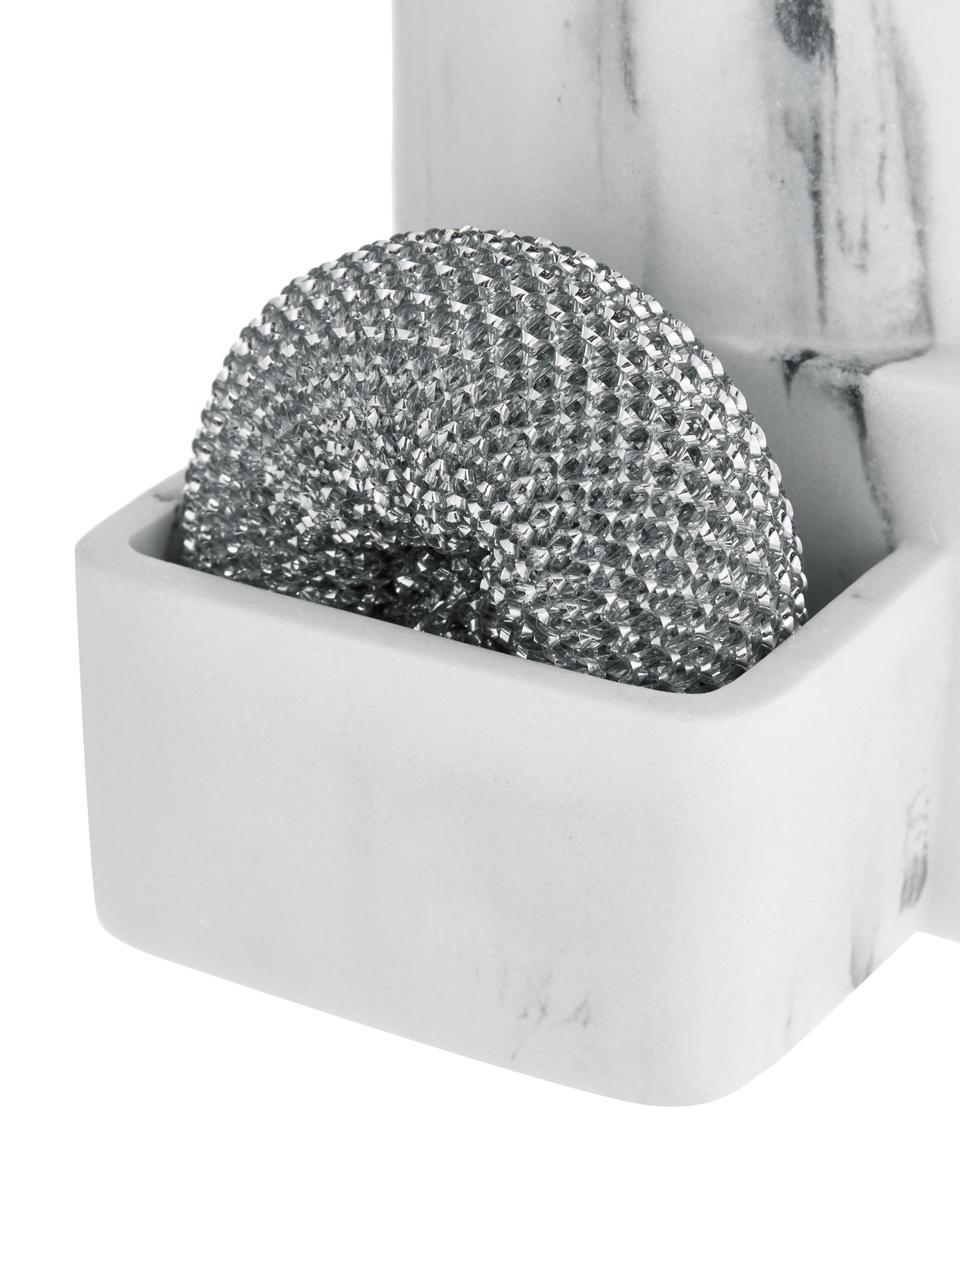 Seifenspender Galia in Weiß, 3er-Set, Metallschwamm: Metall, Weiß, Silberfarben, Schwarz, 24 x 12 cm